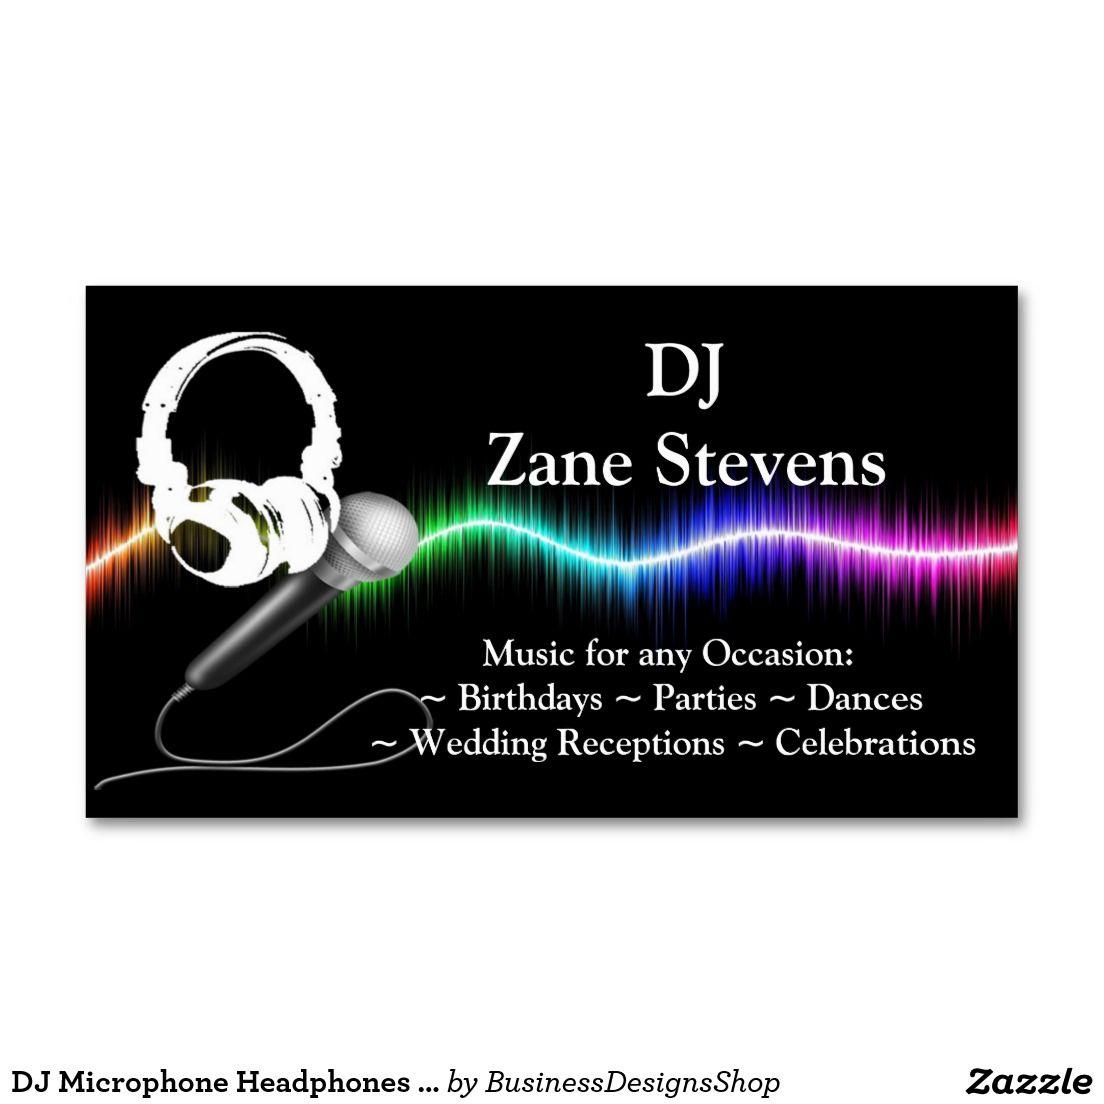 DJ Microphone Headphones Business Card Template | Pinterest | Card ...